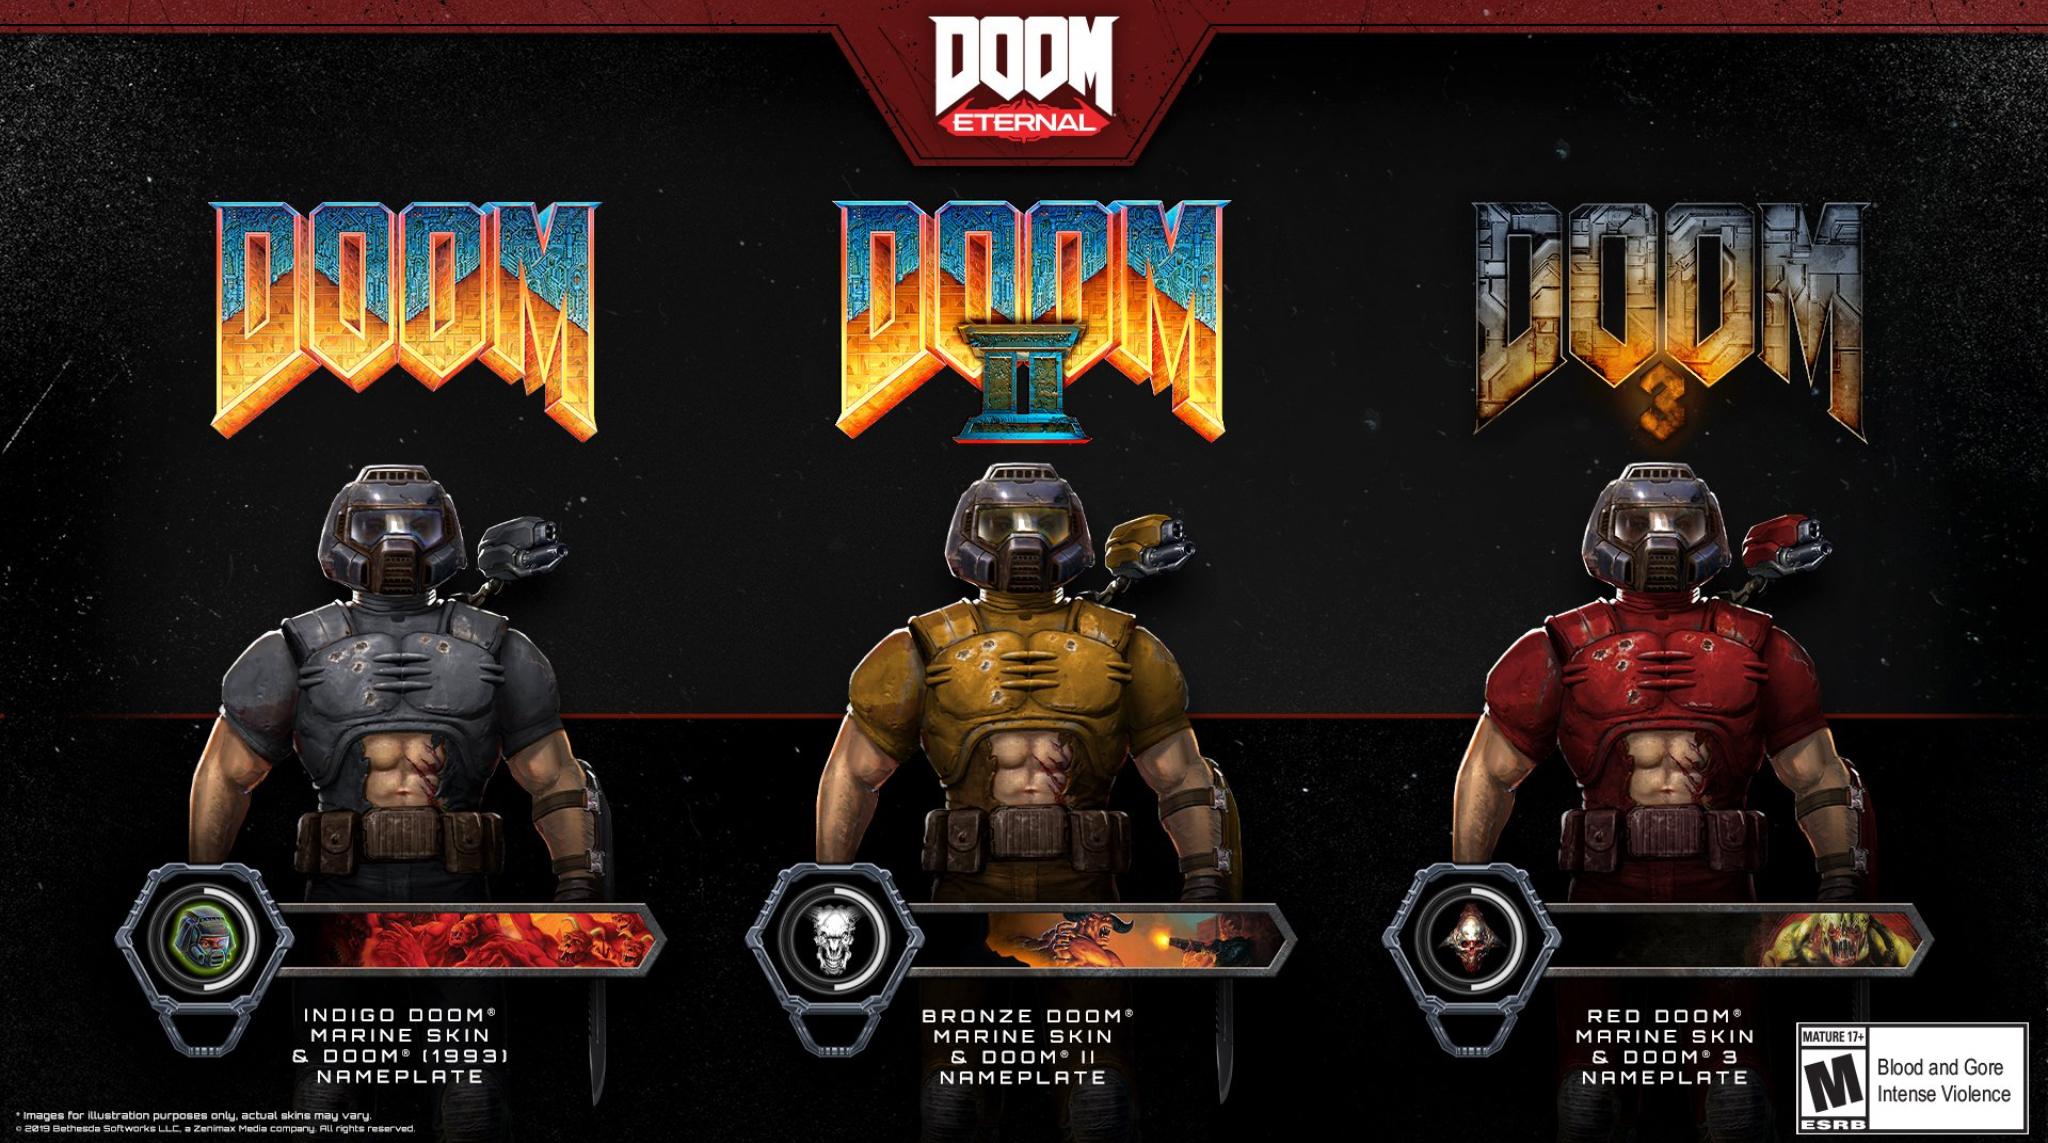 Bethesda Just Updated 'DOOM' and 'DOOM II' to Fix Lighting